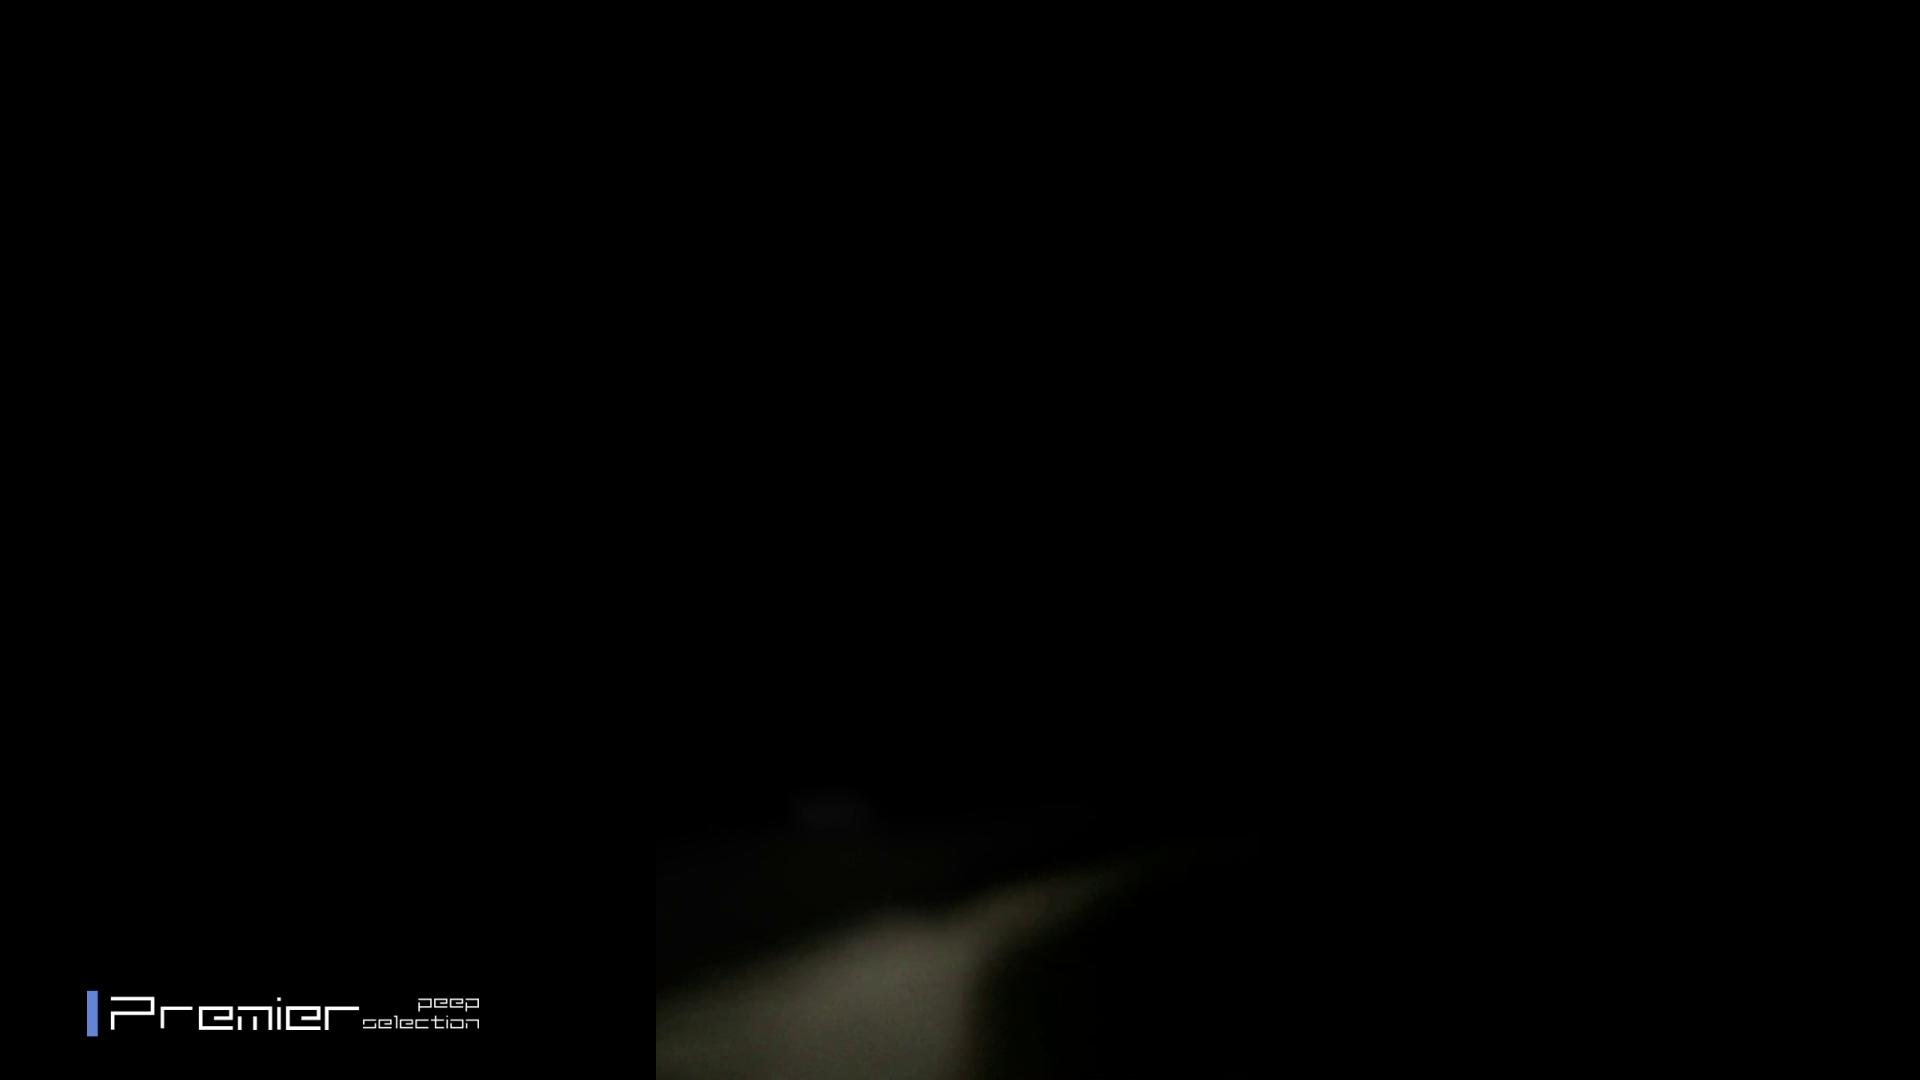 窓越しのエロい風景 美女達の私生活に潜入! 潜入 エロ無料画像 79枚 74